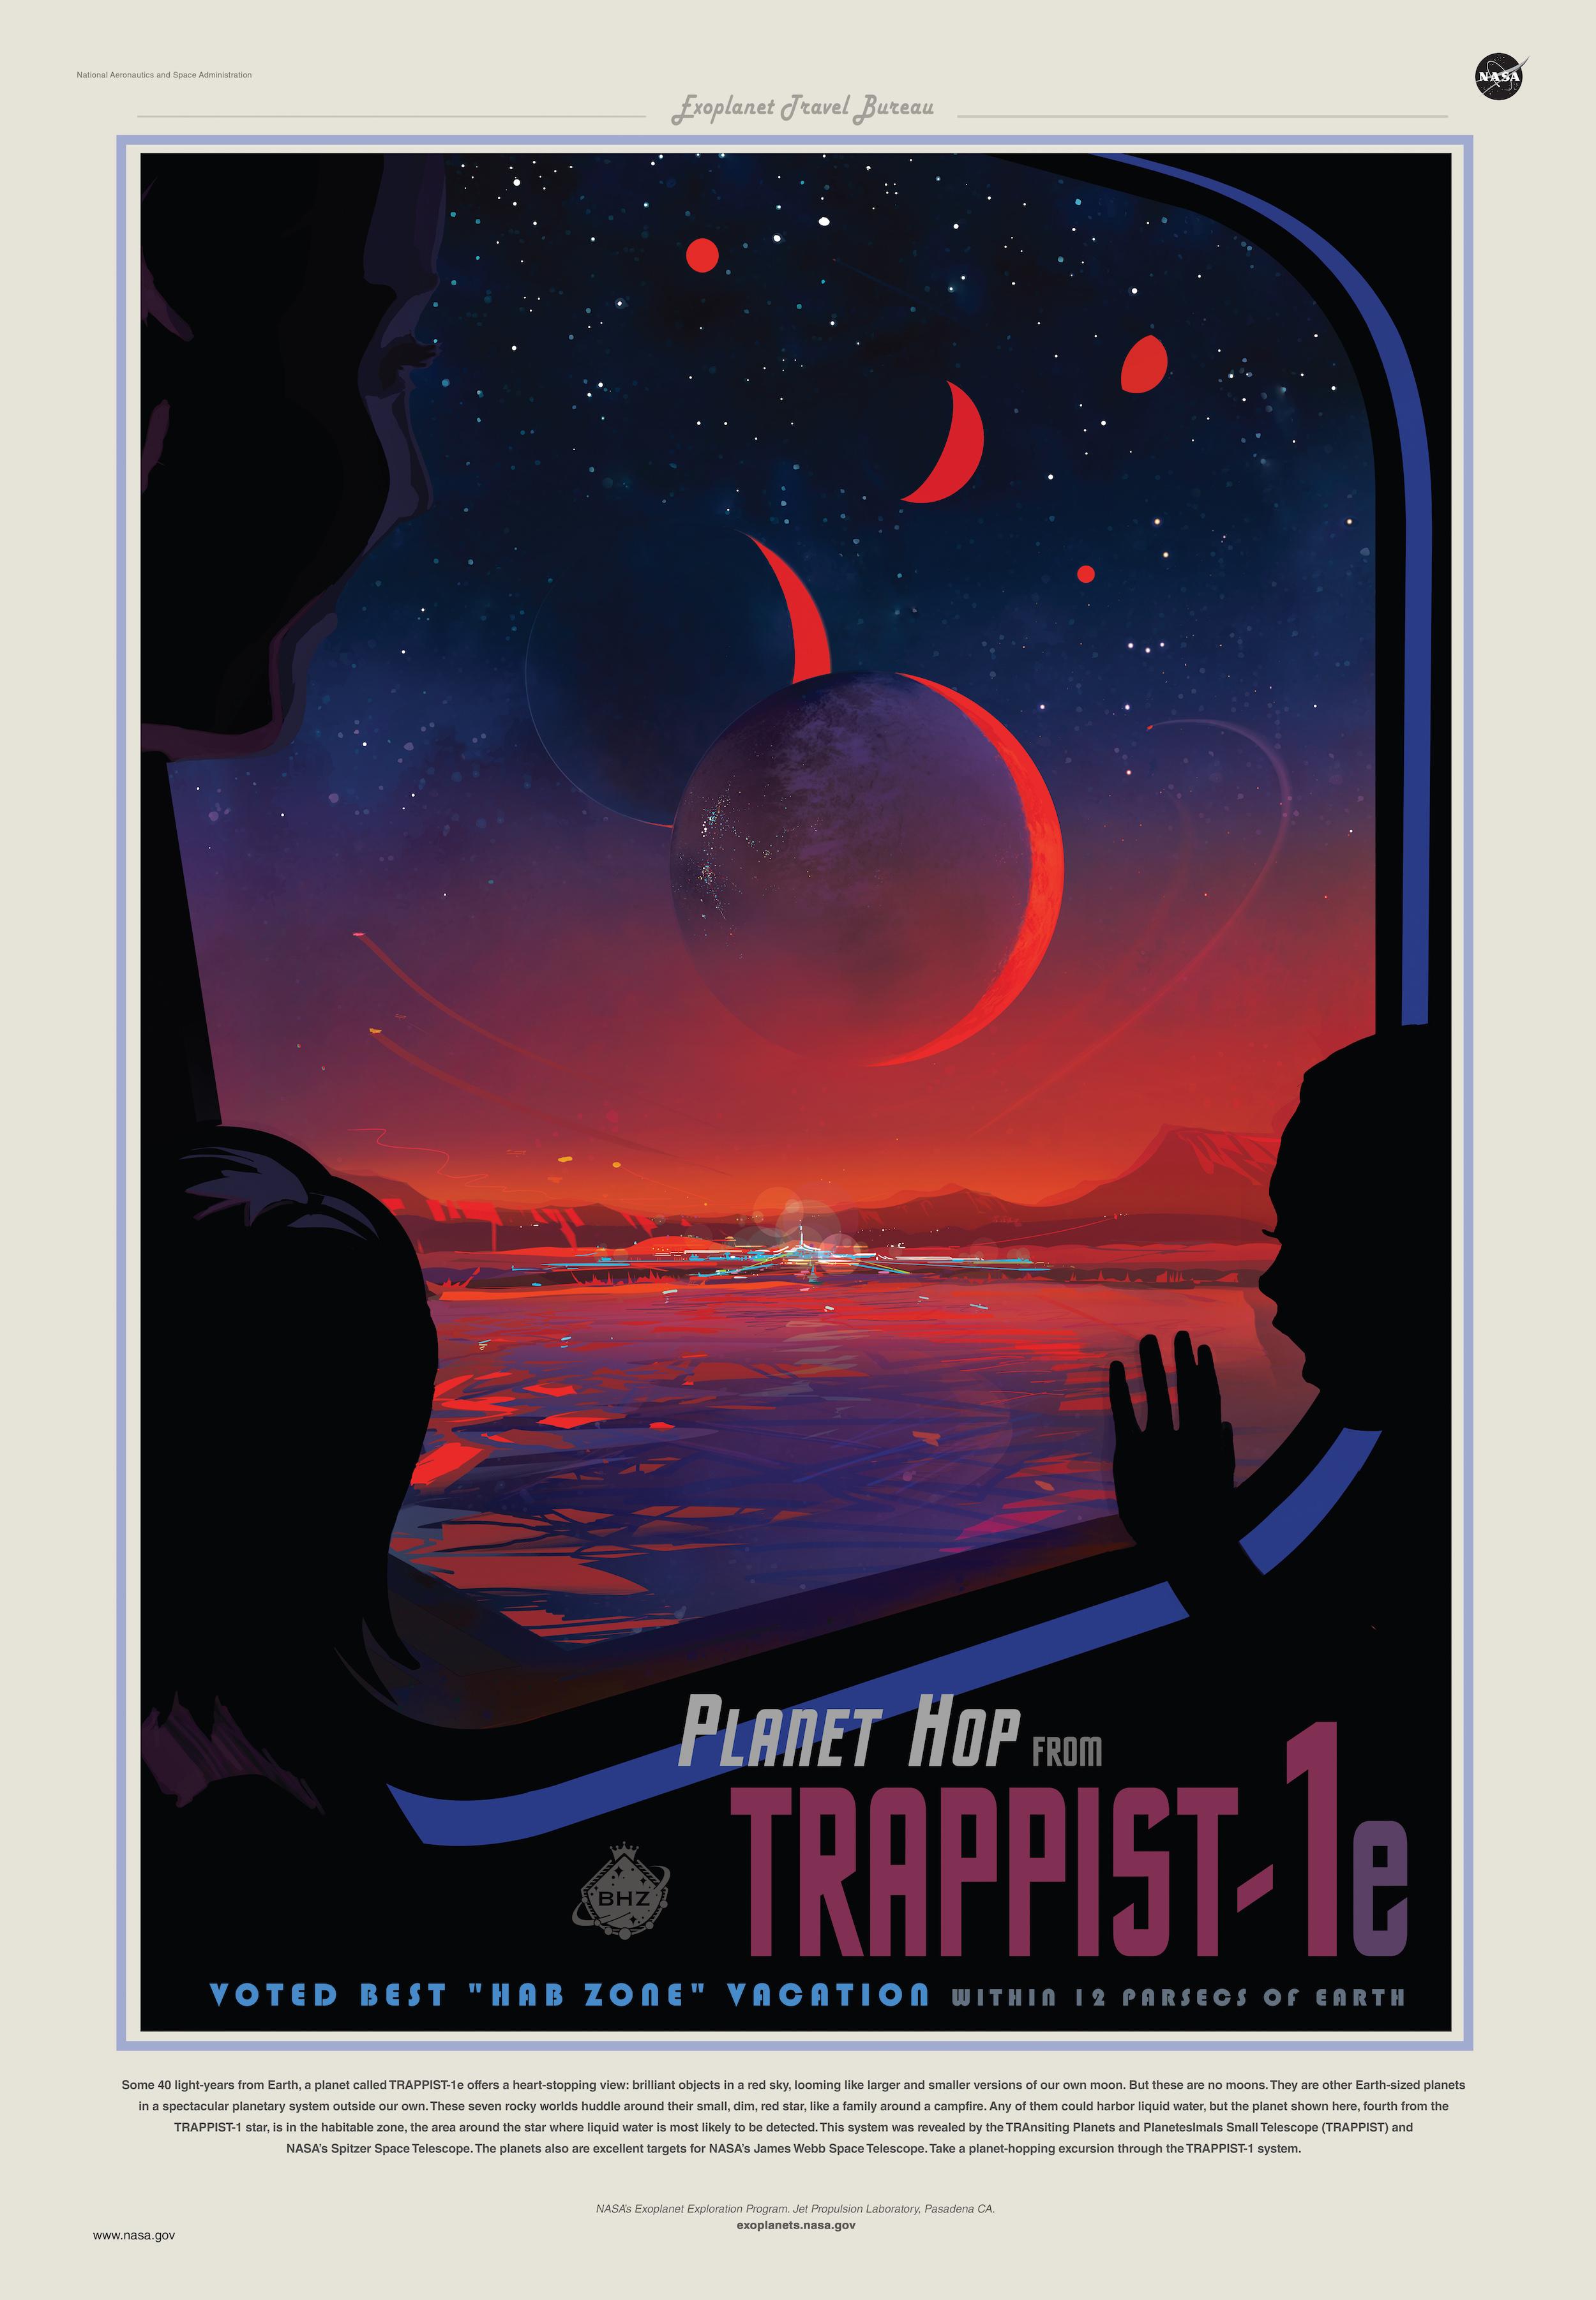 Vorfreude: Die NASA imaginiert eine Reise zu fremden Welten.